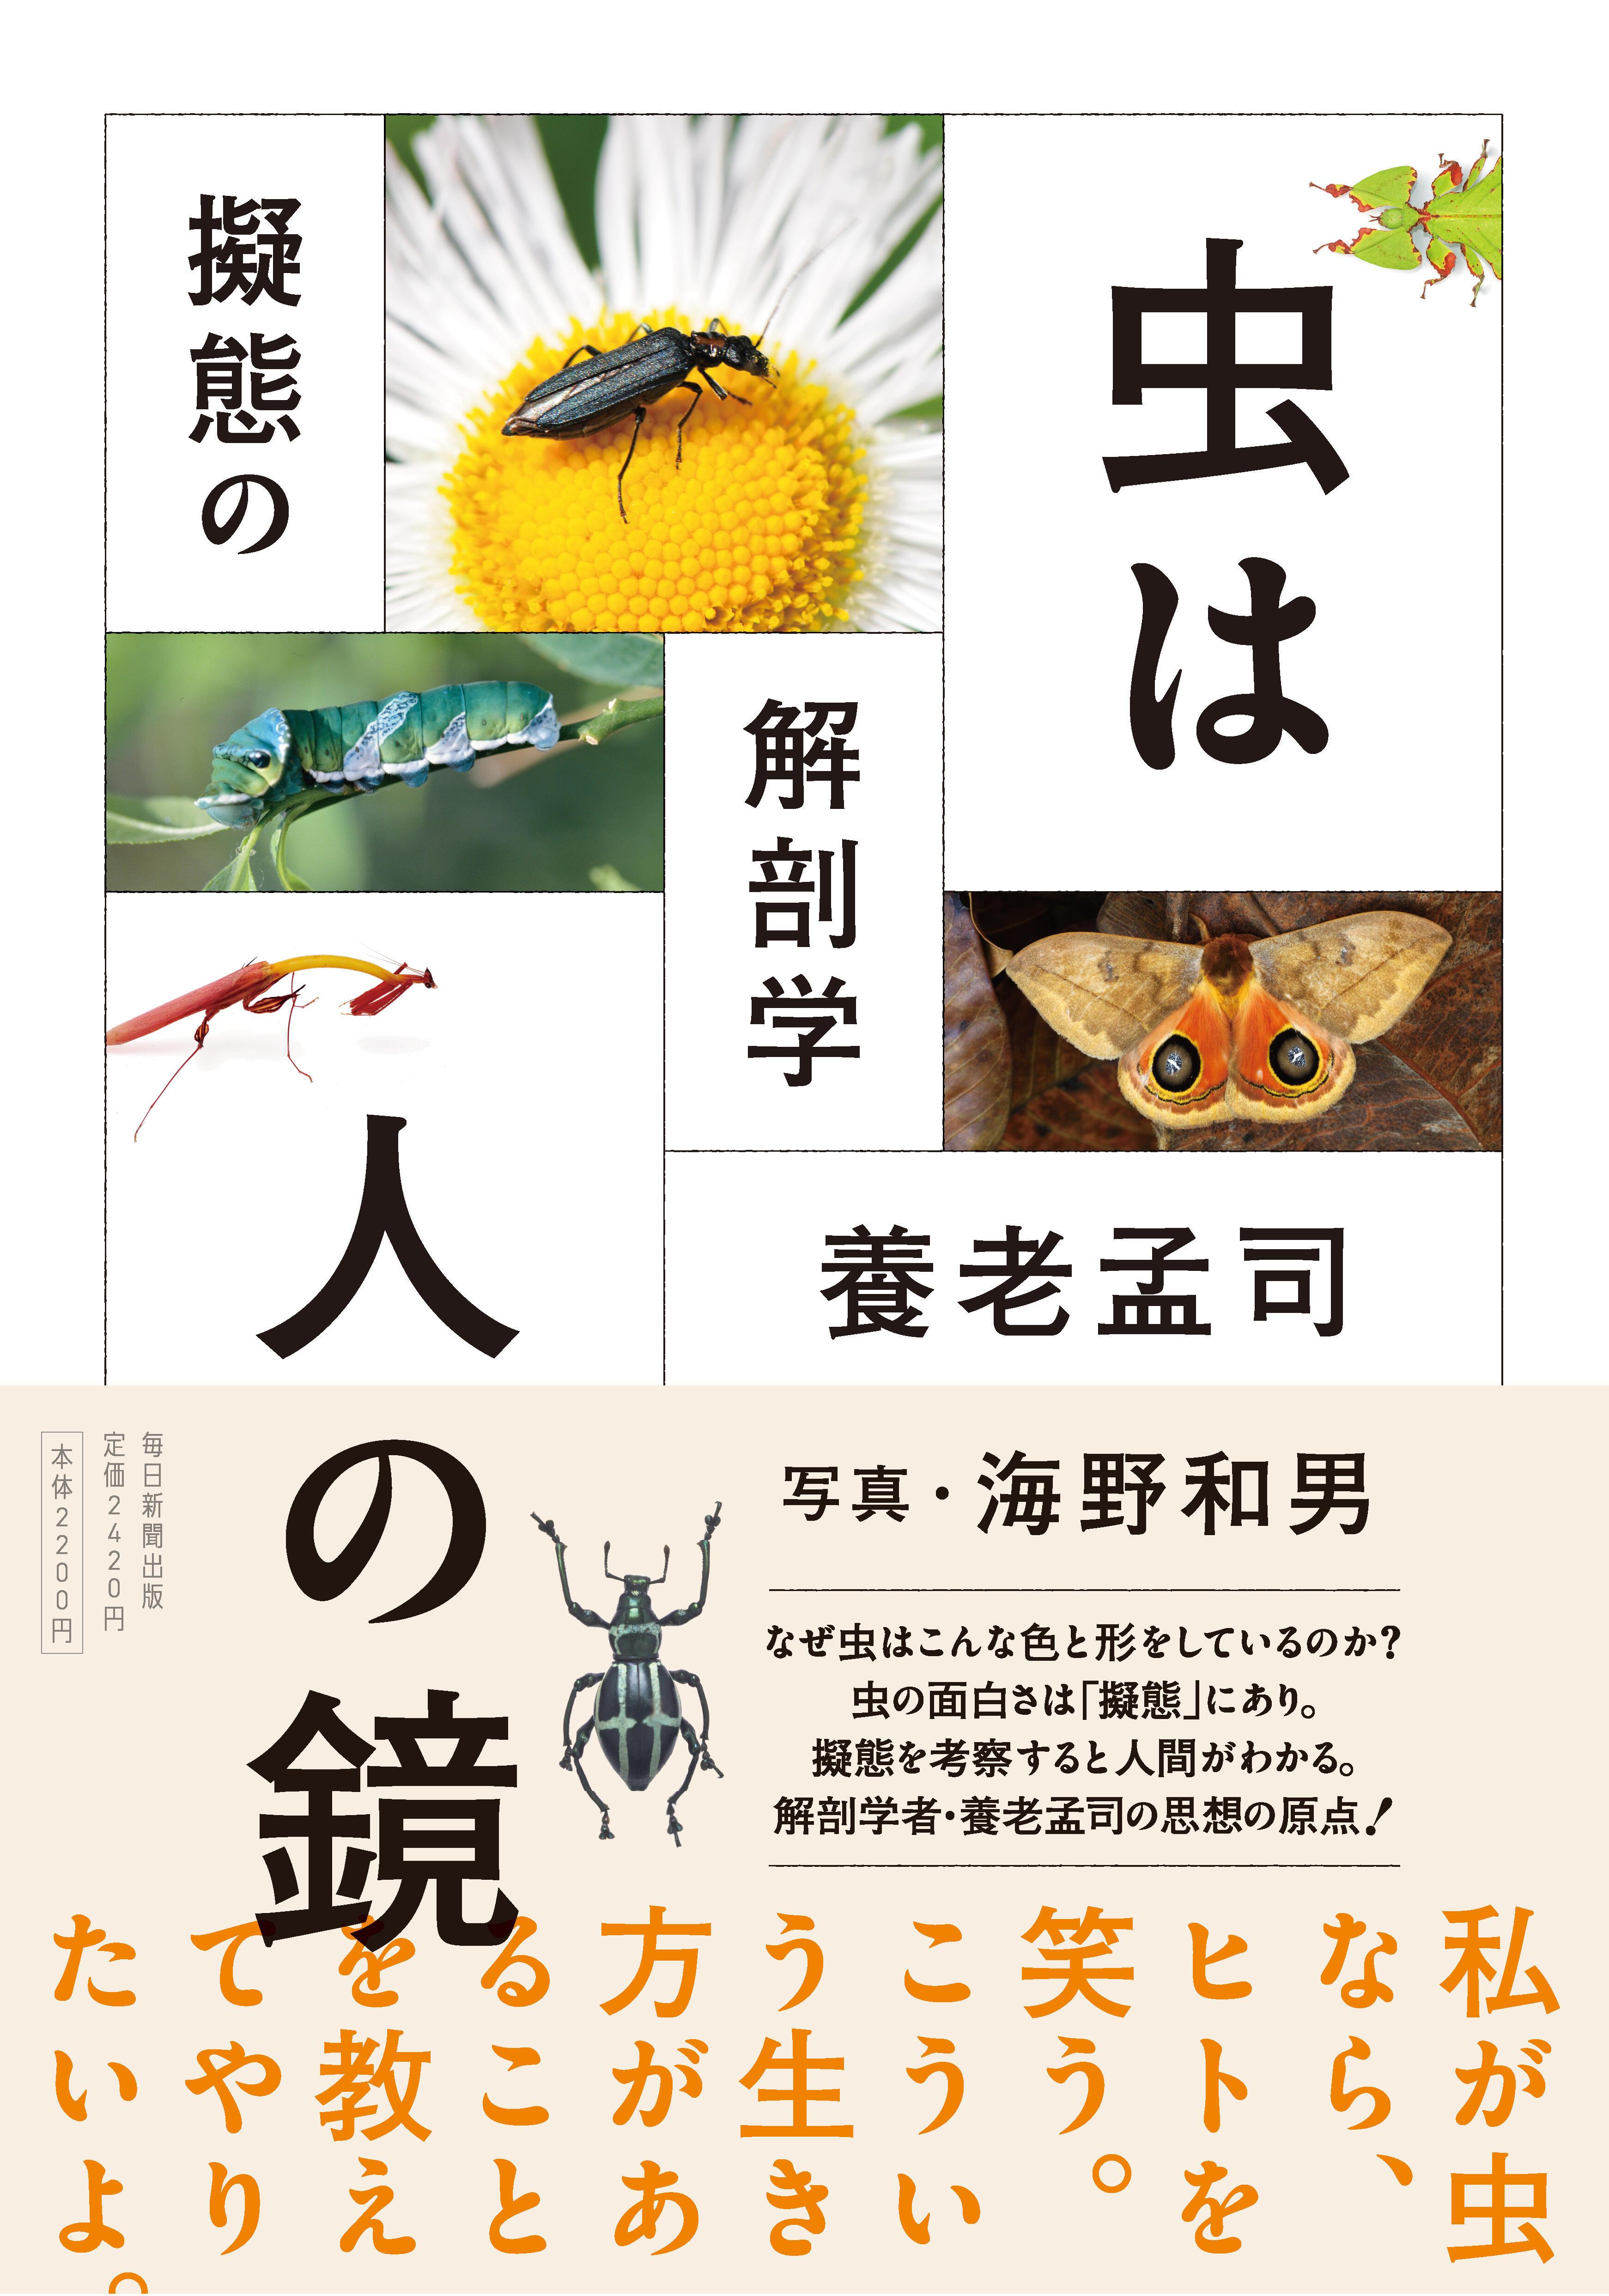 書影:虫は人の鏡 擬態の解剖学